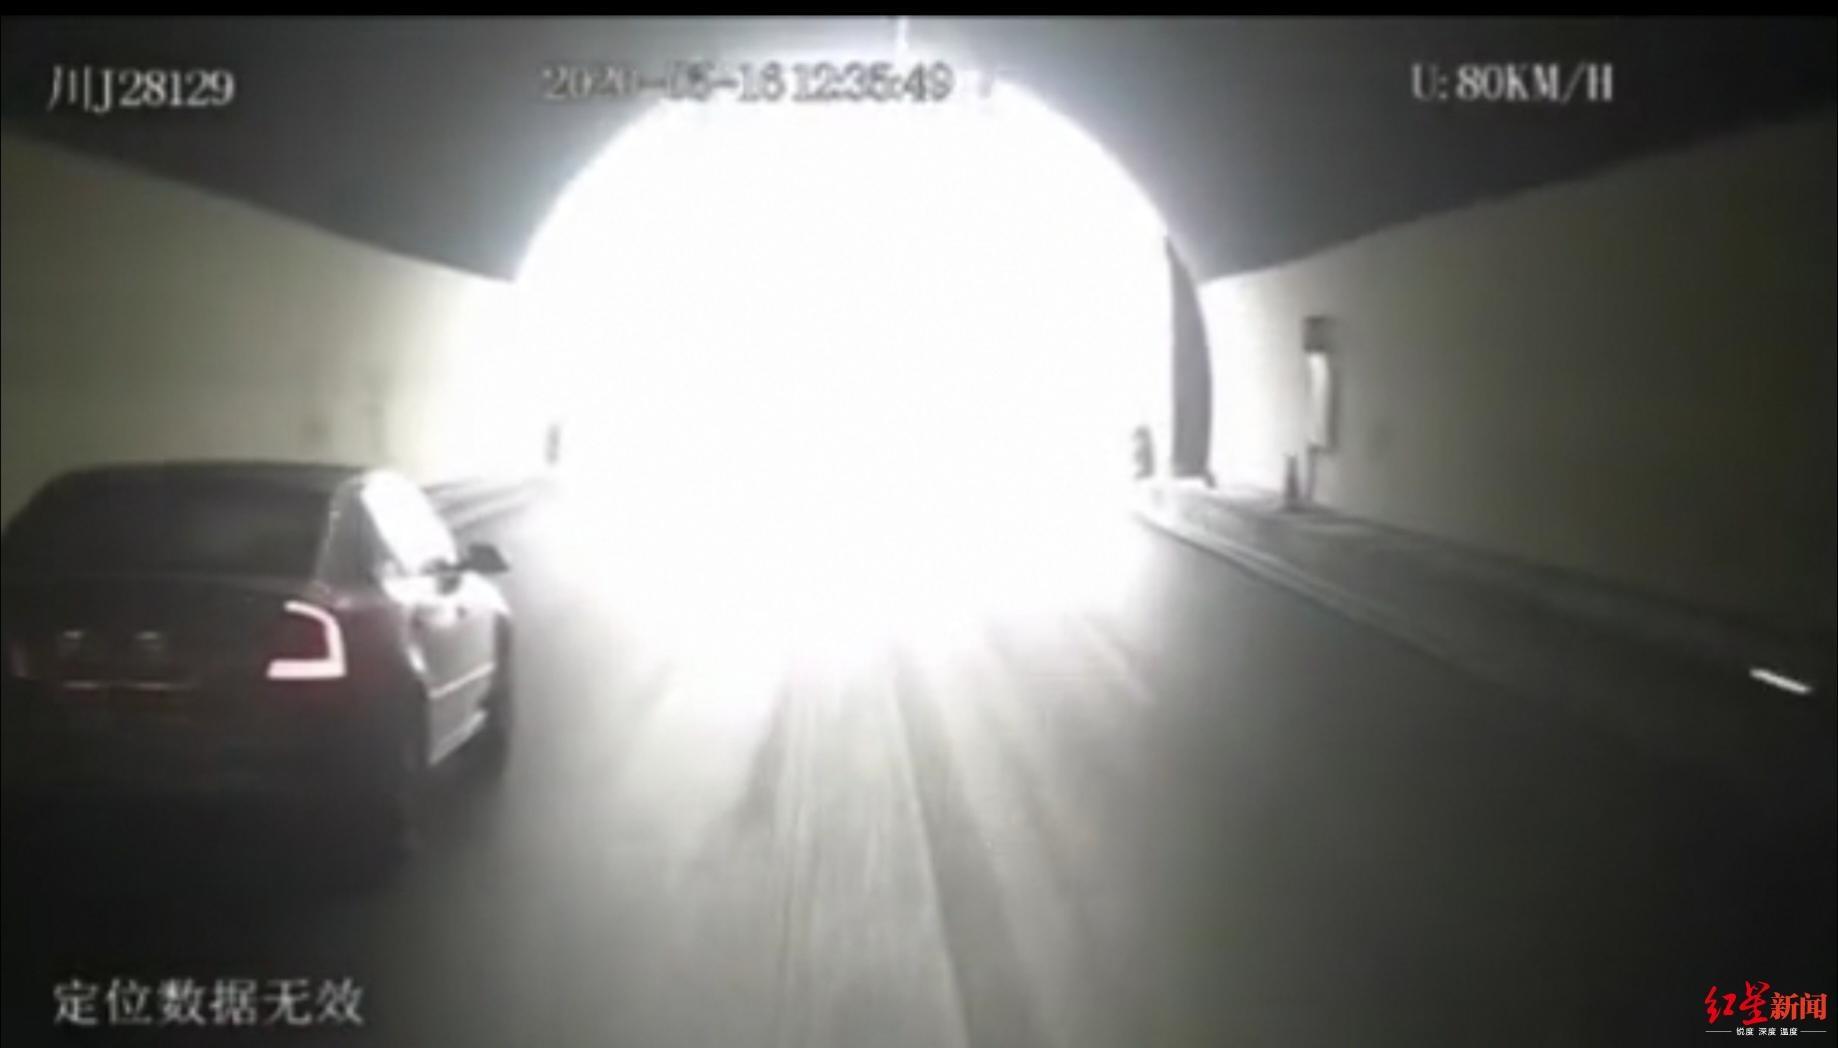 雅西高速大客车侧翻致6死20伤,行车记录仪拍下撞护栏侧翻瞬间